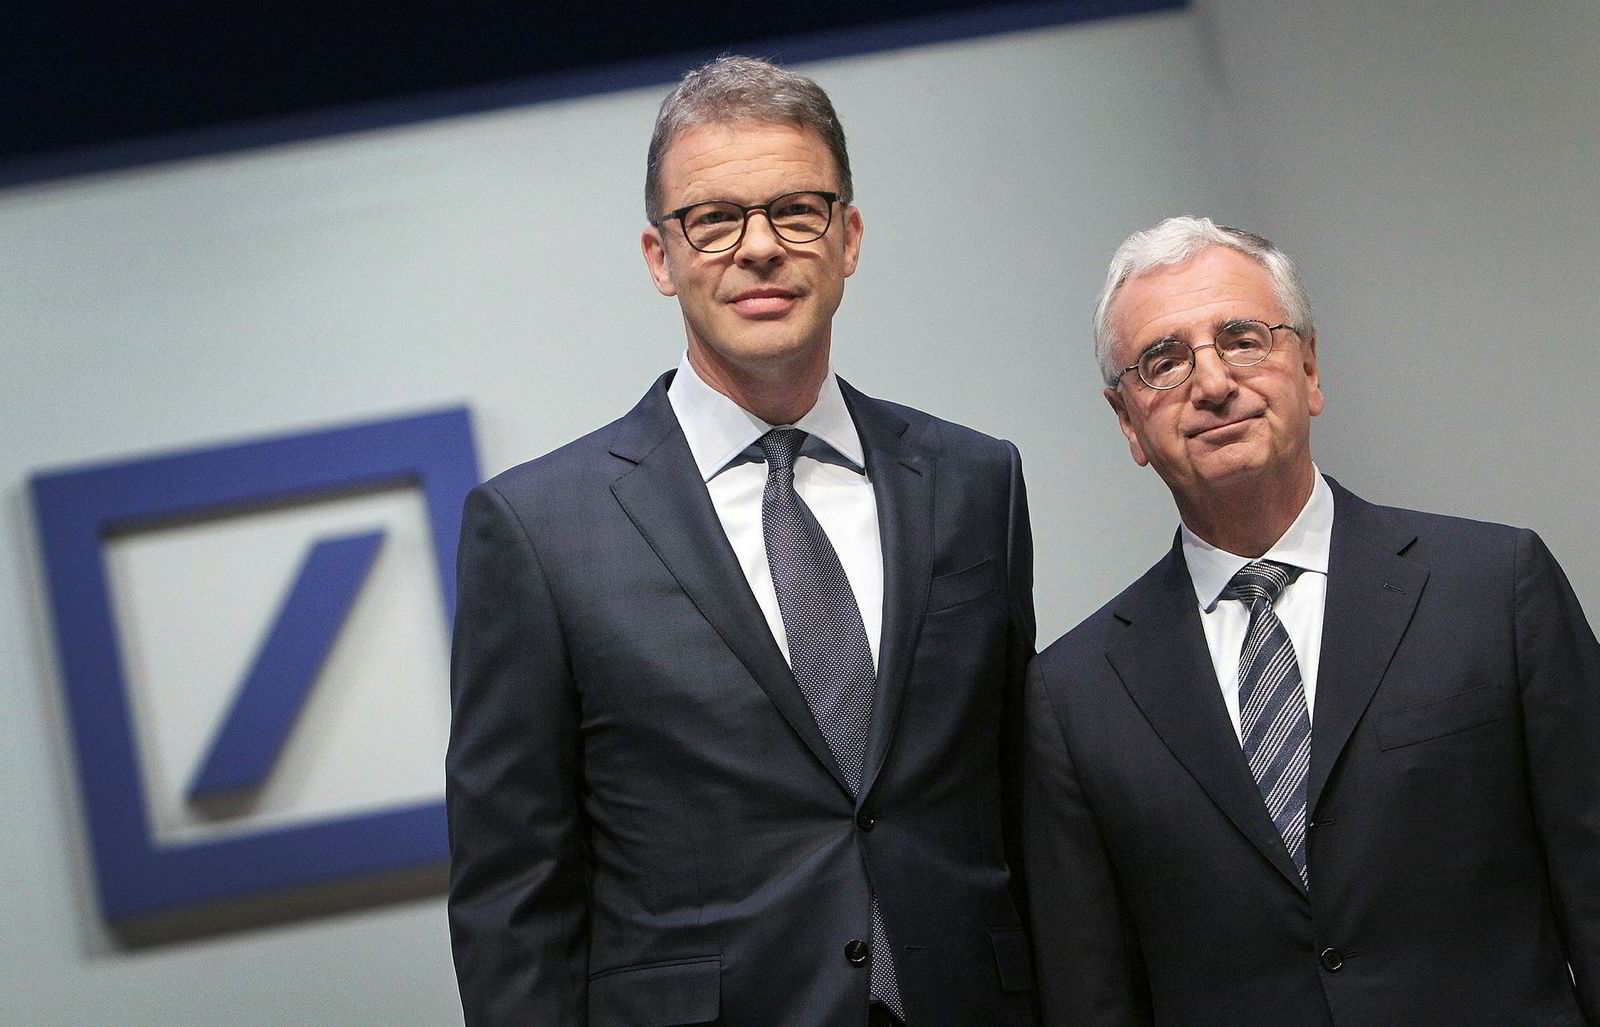 – At noen på en slik dag kan inviterer en skredder er respektløst, sa konsernsjef Christian Sewing i Deutsche Bank (til venstre). Her sammen med styreleder Paul Achleitner